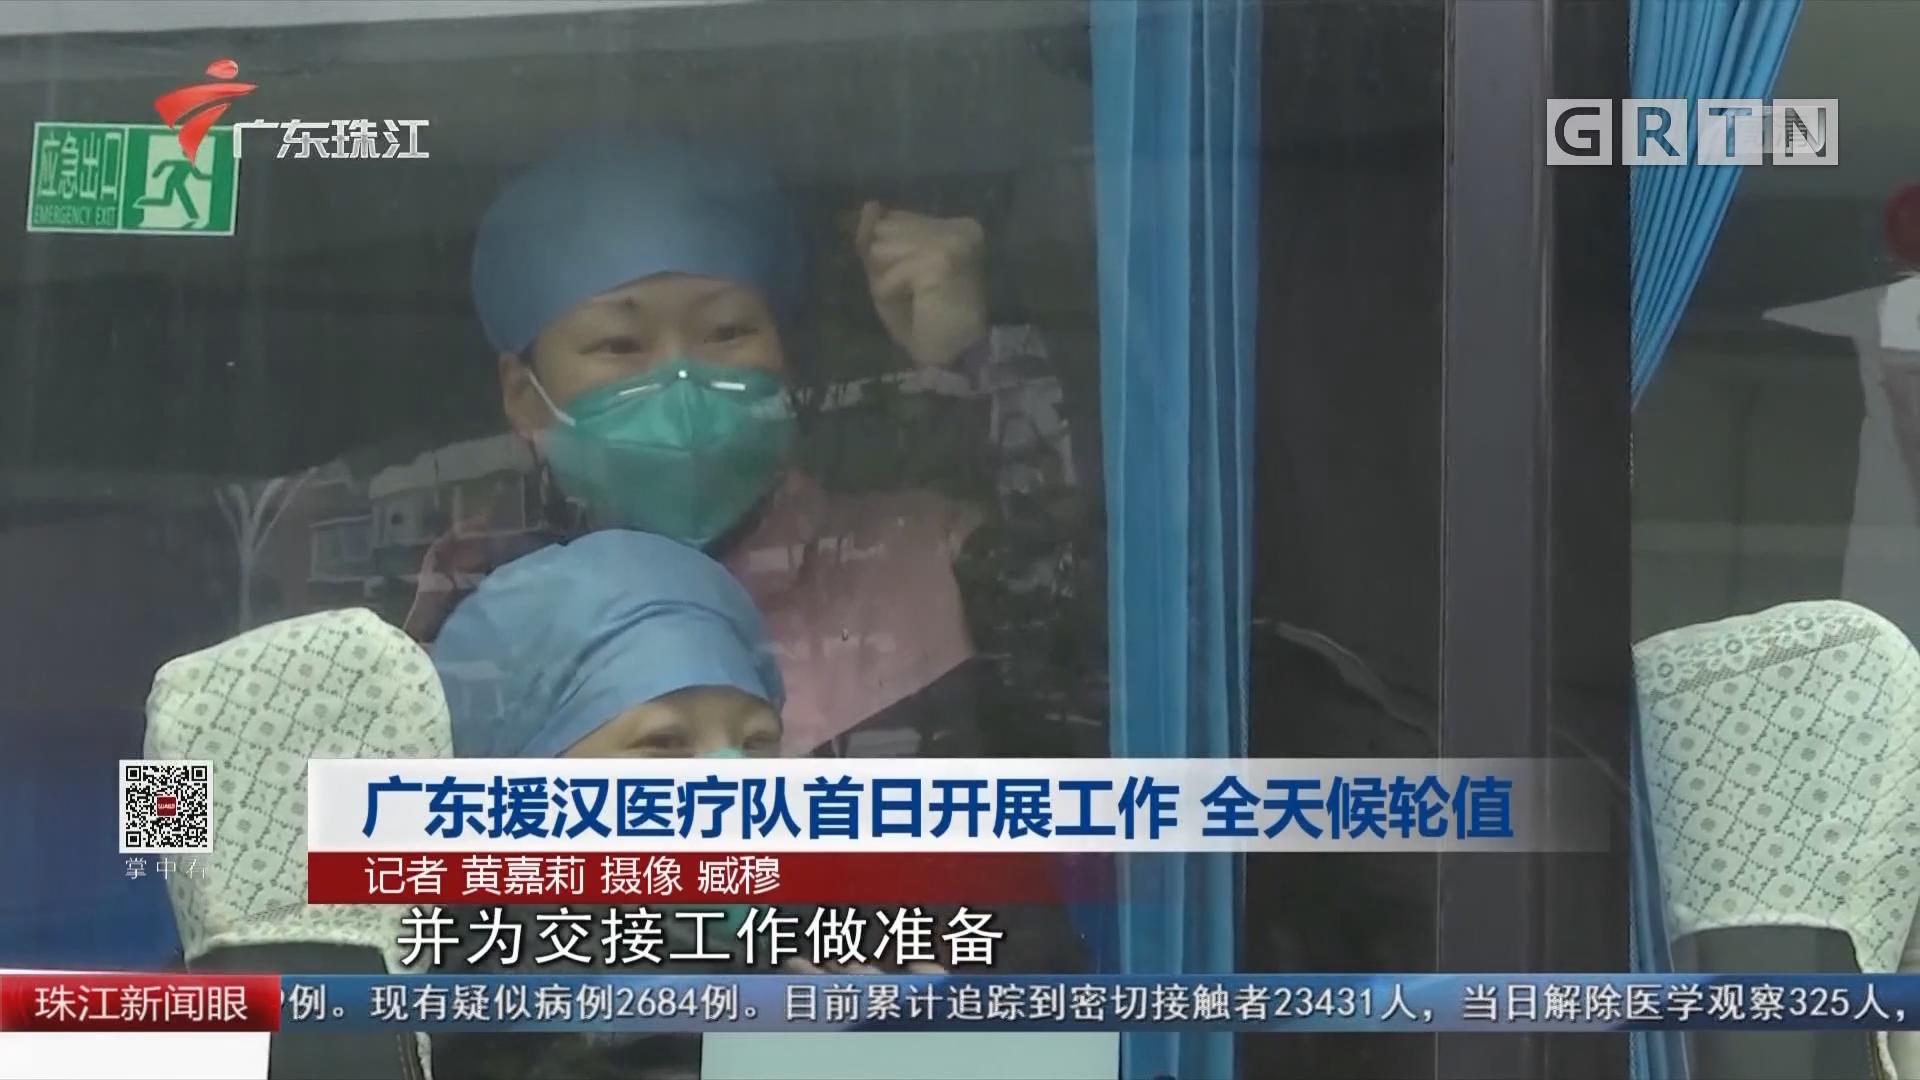 广东援汉医疗队首日开展工作 全天候轮值